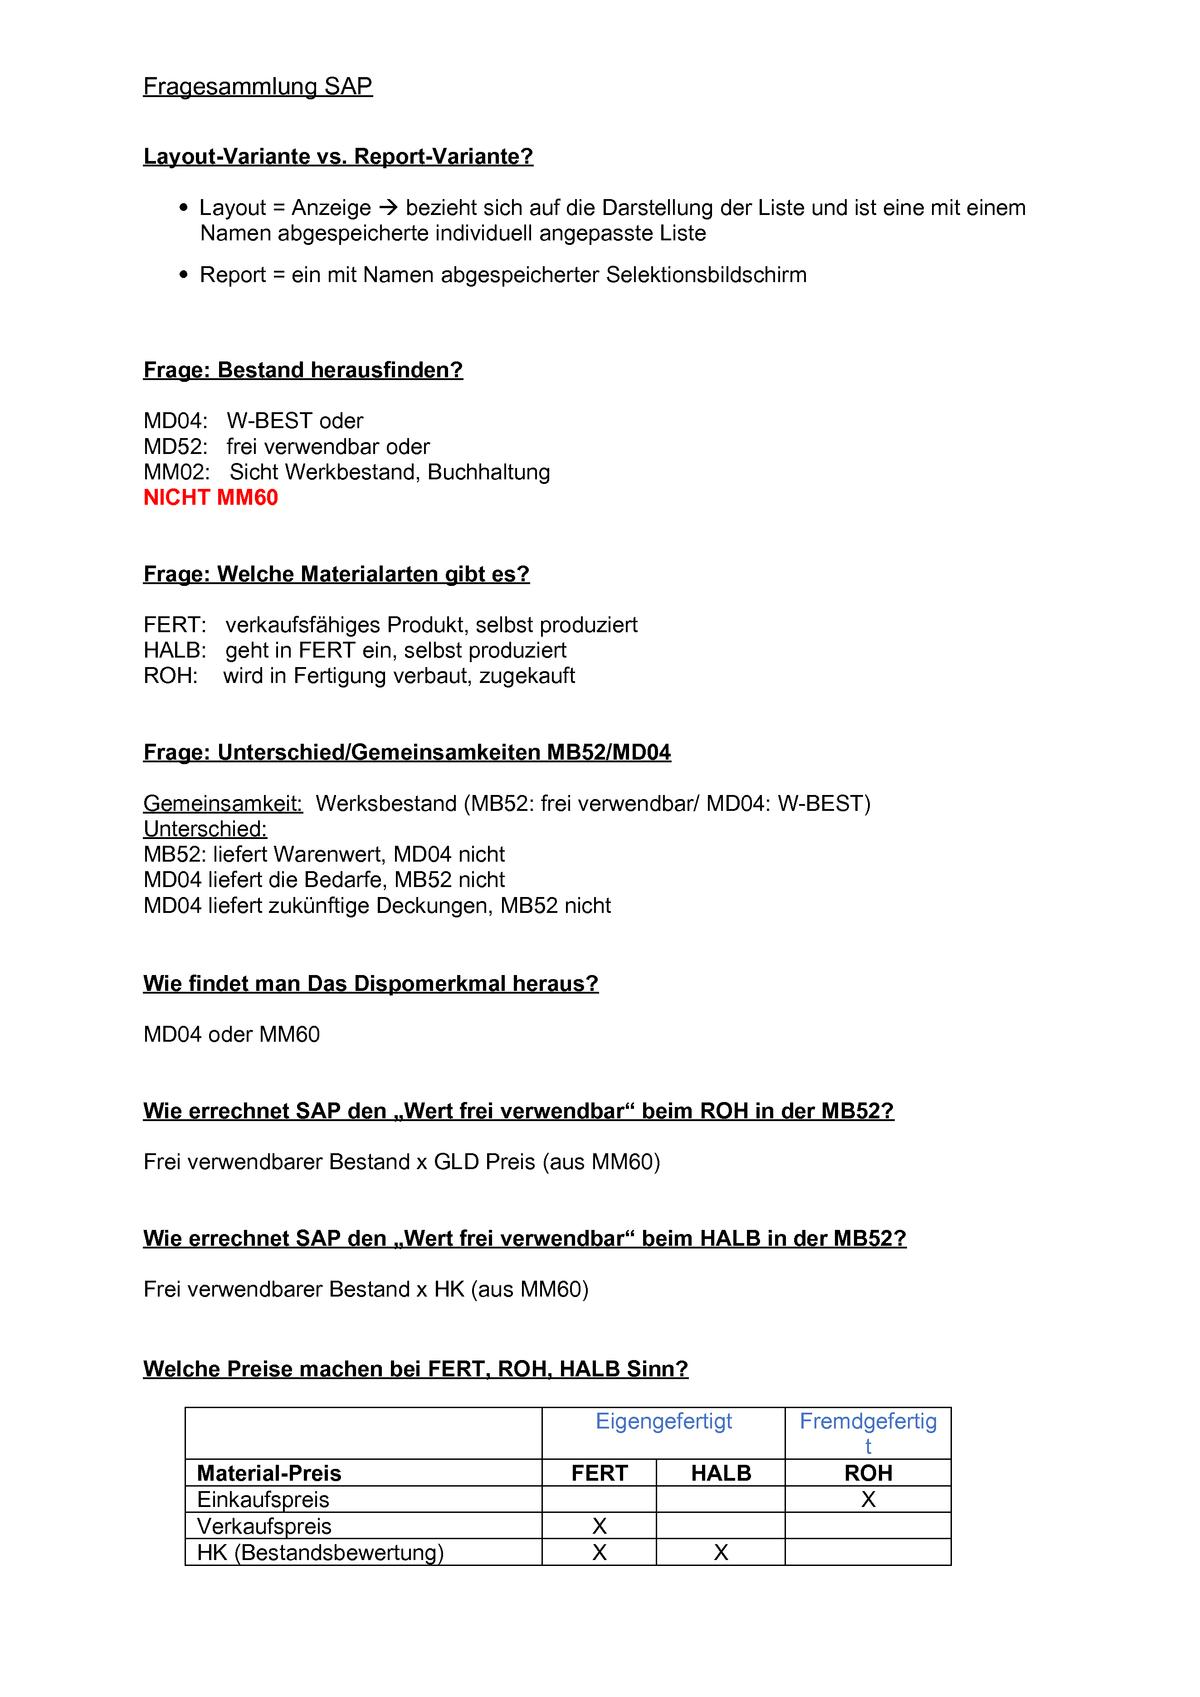 Fragenkatalog SAP - PZM: Prozessmanagement und